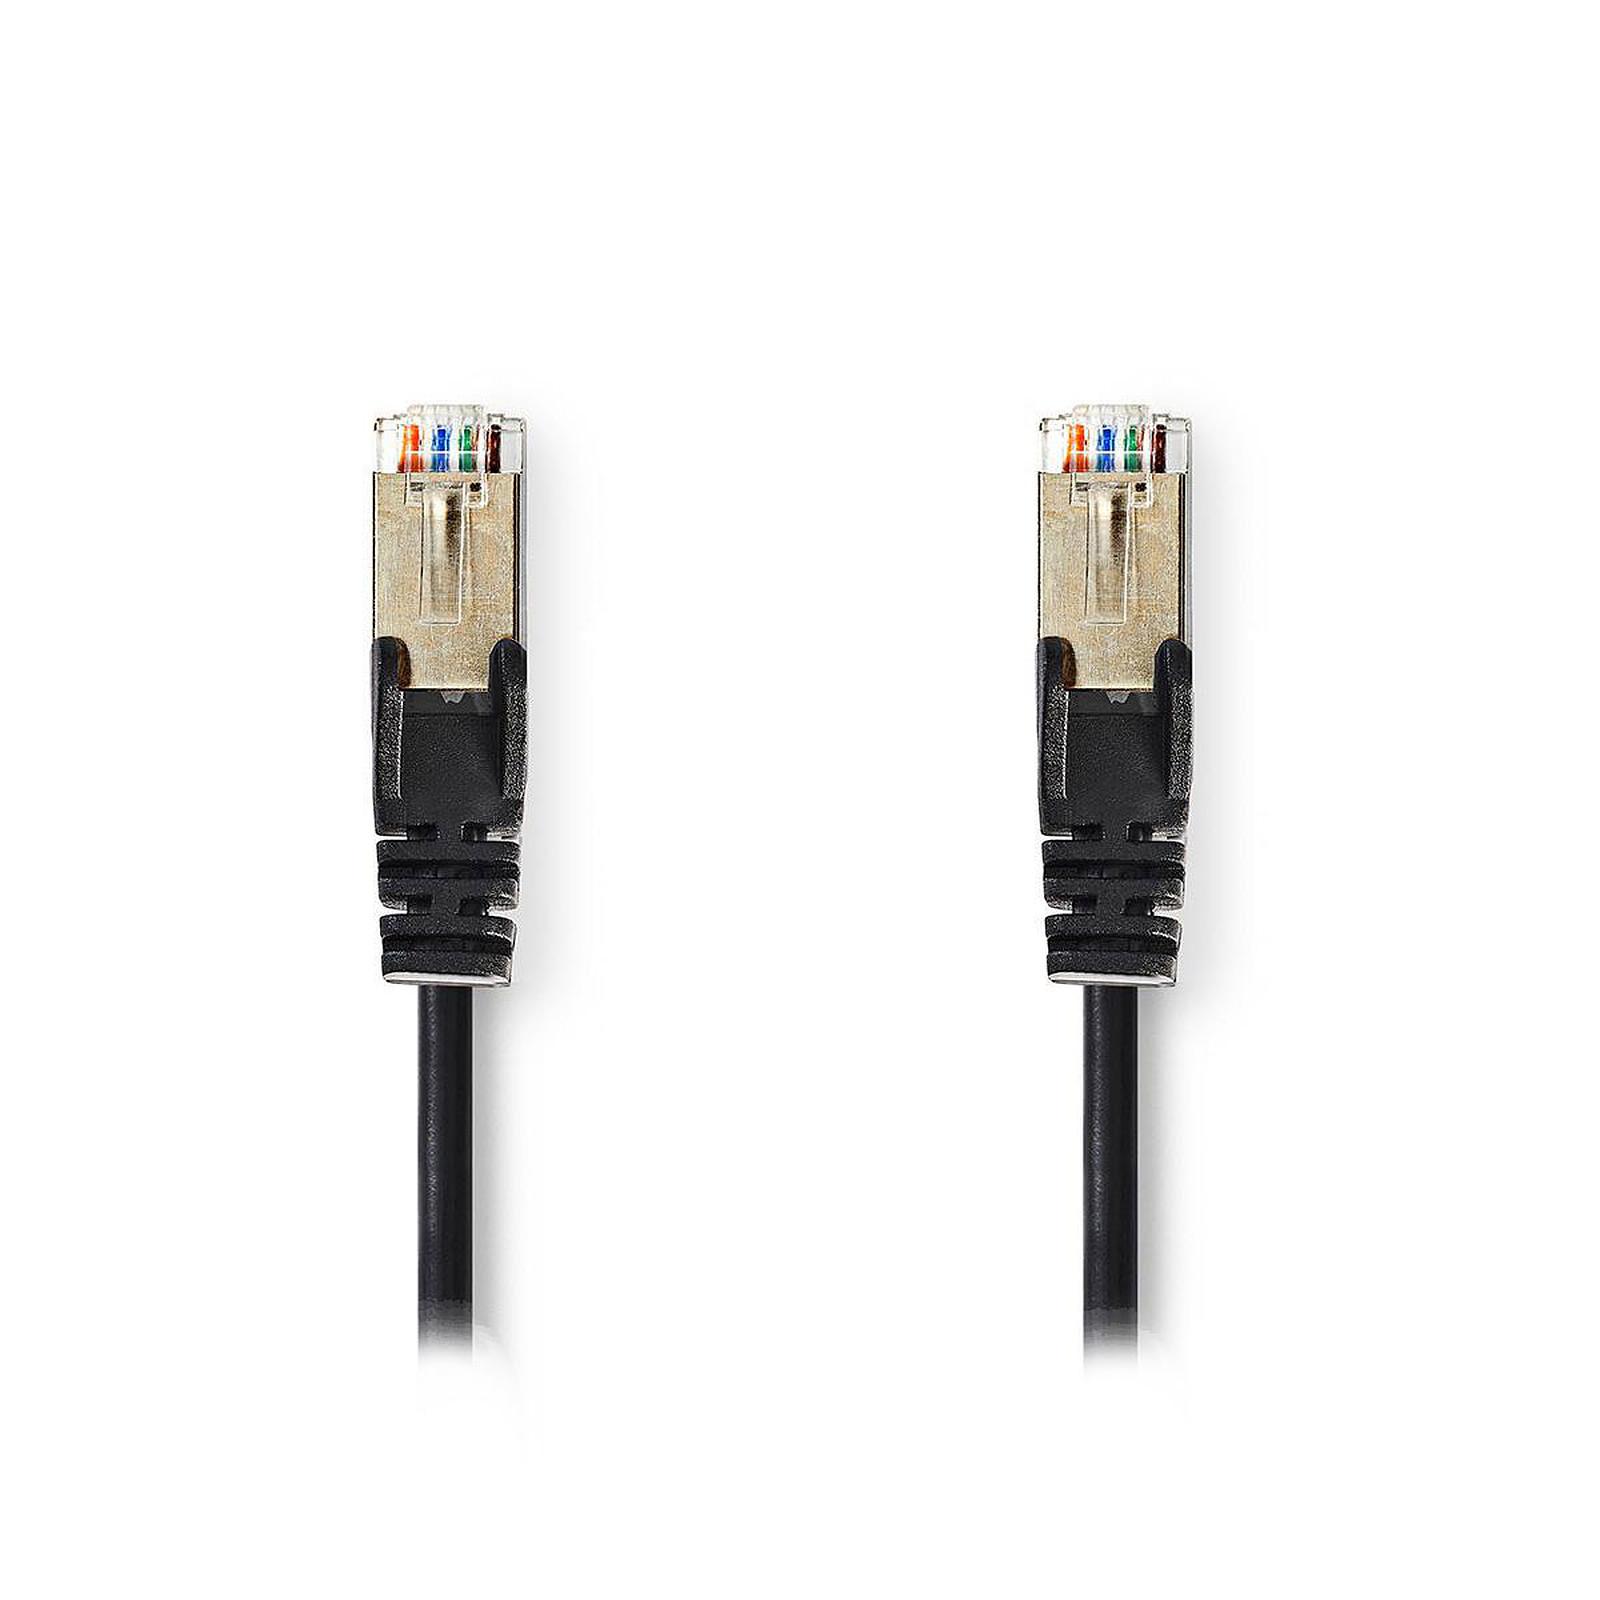 Nedis RJ45 categoría de cable 5e SF/UTP 1 m (Negro)